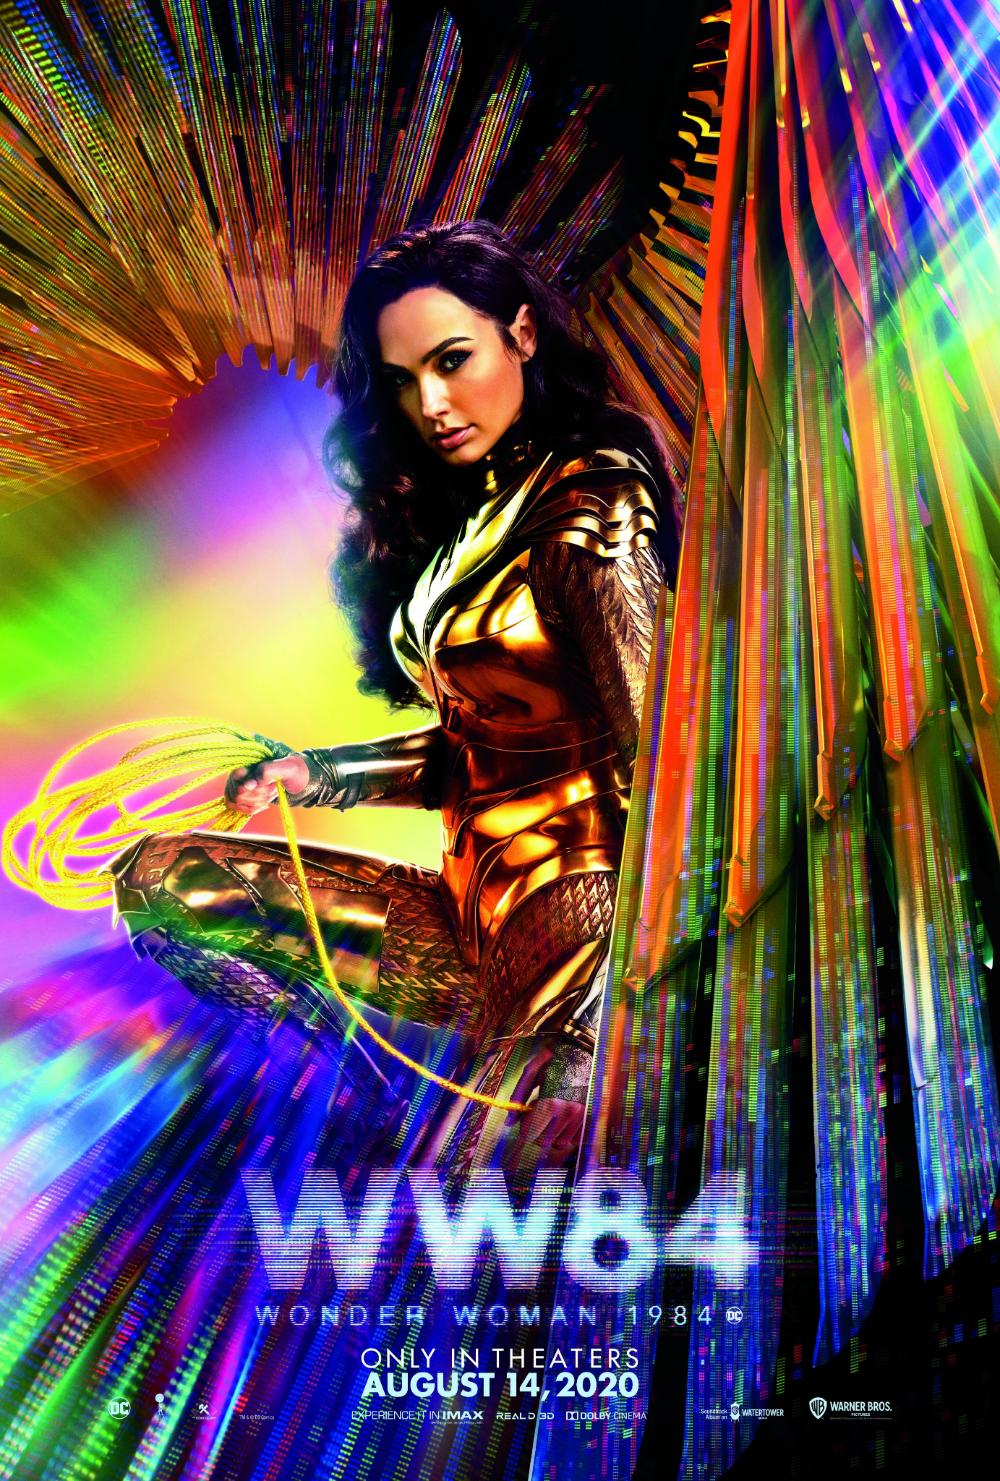 Wonder Woman 2 Wonder Woman 1984 In 2020 Wonder Woman Wonder Fantasy Movies